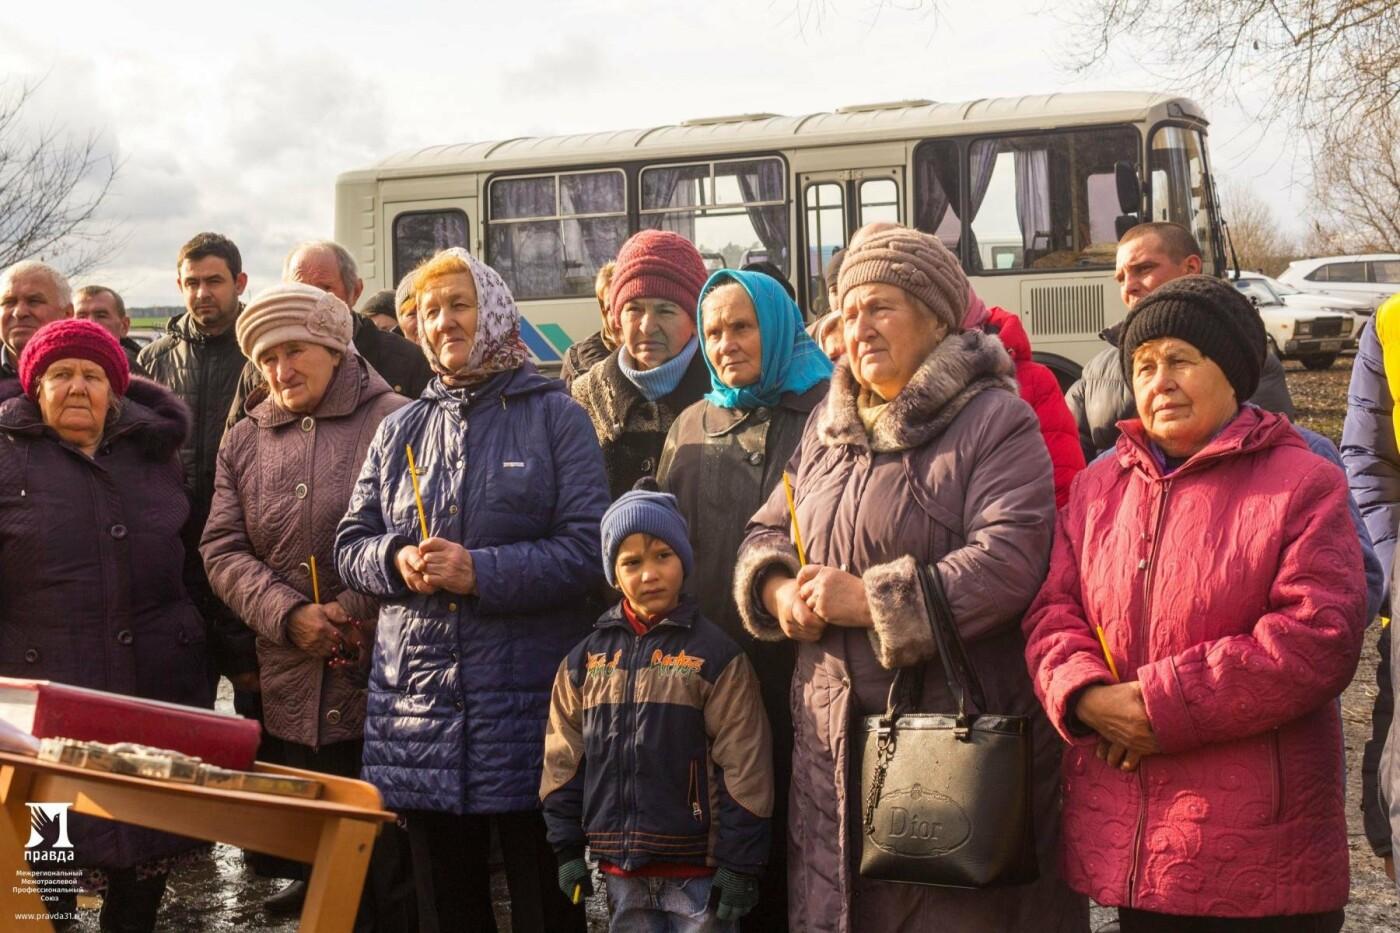 Белгородская митрополия и профсоюз «Правда» начали взаимодействие в сфере укрепления православных традиций на Белгородчине, фото-2